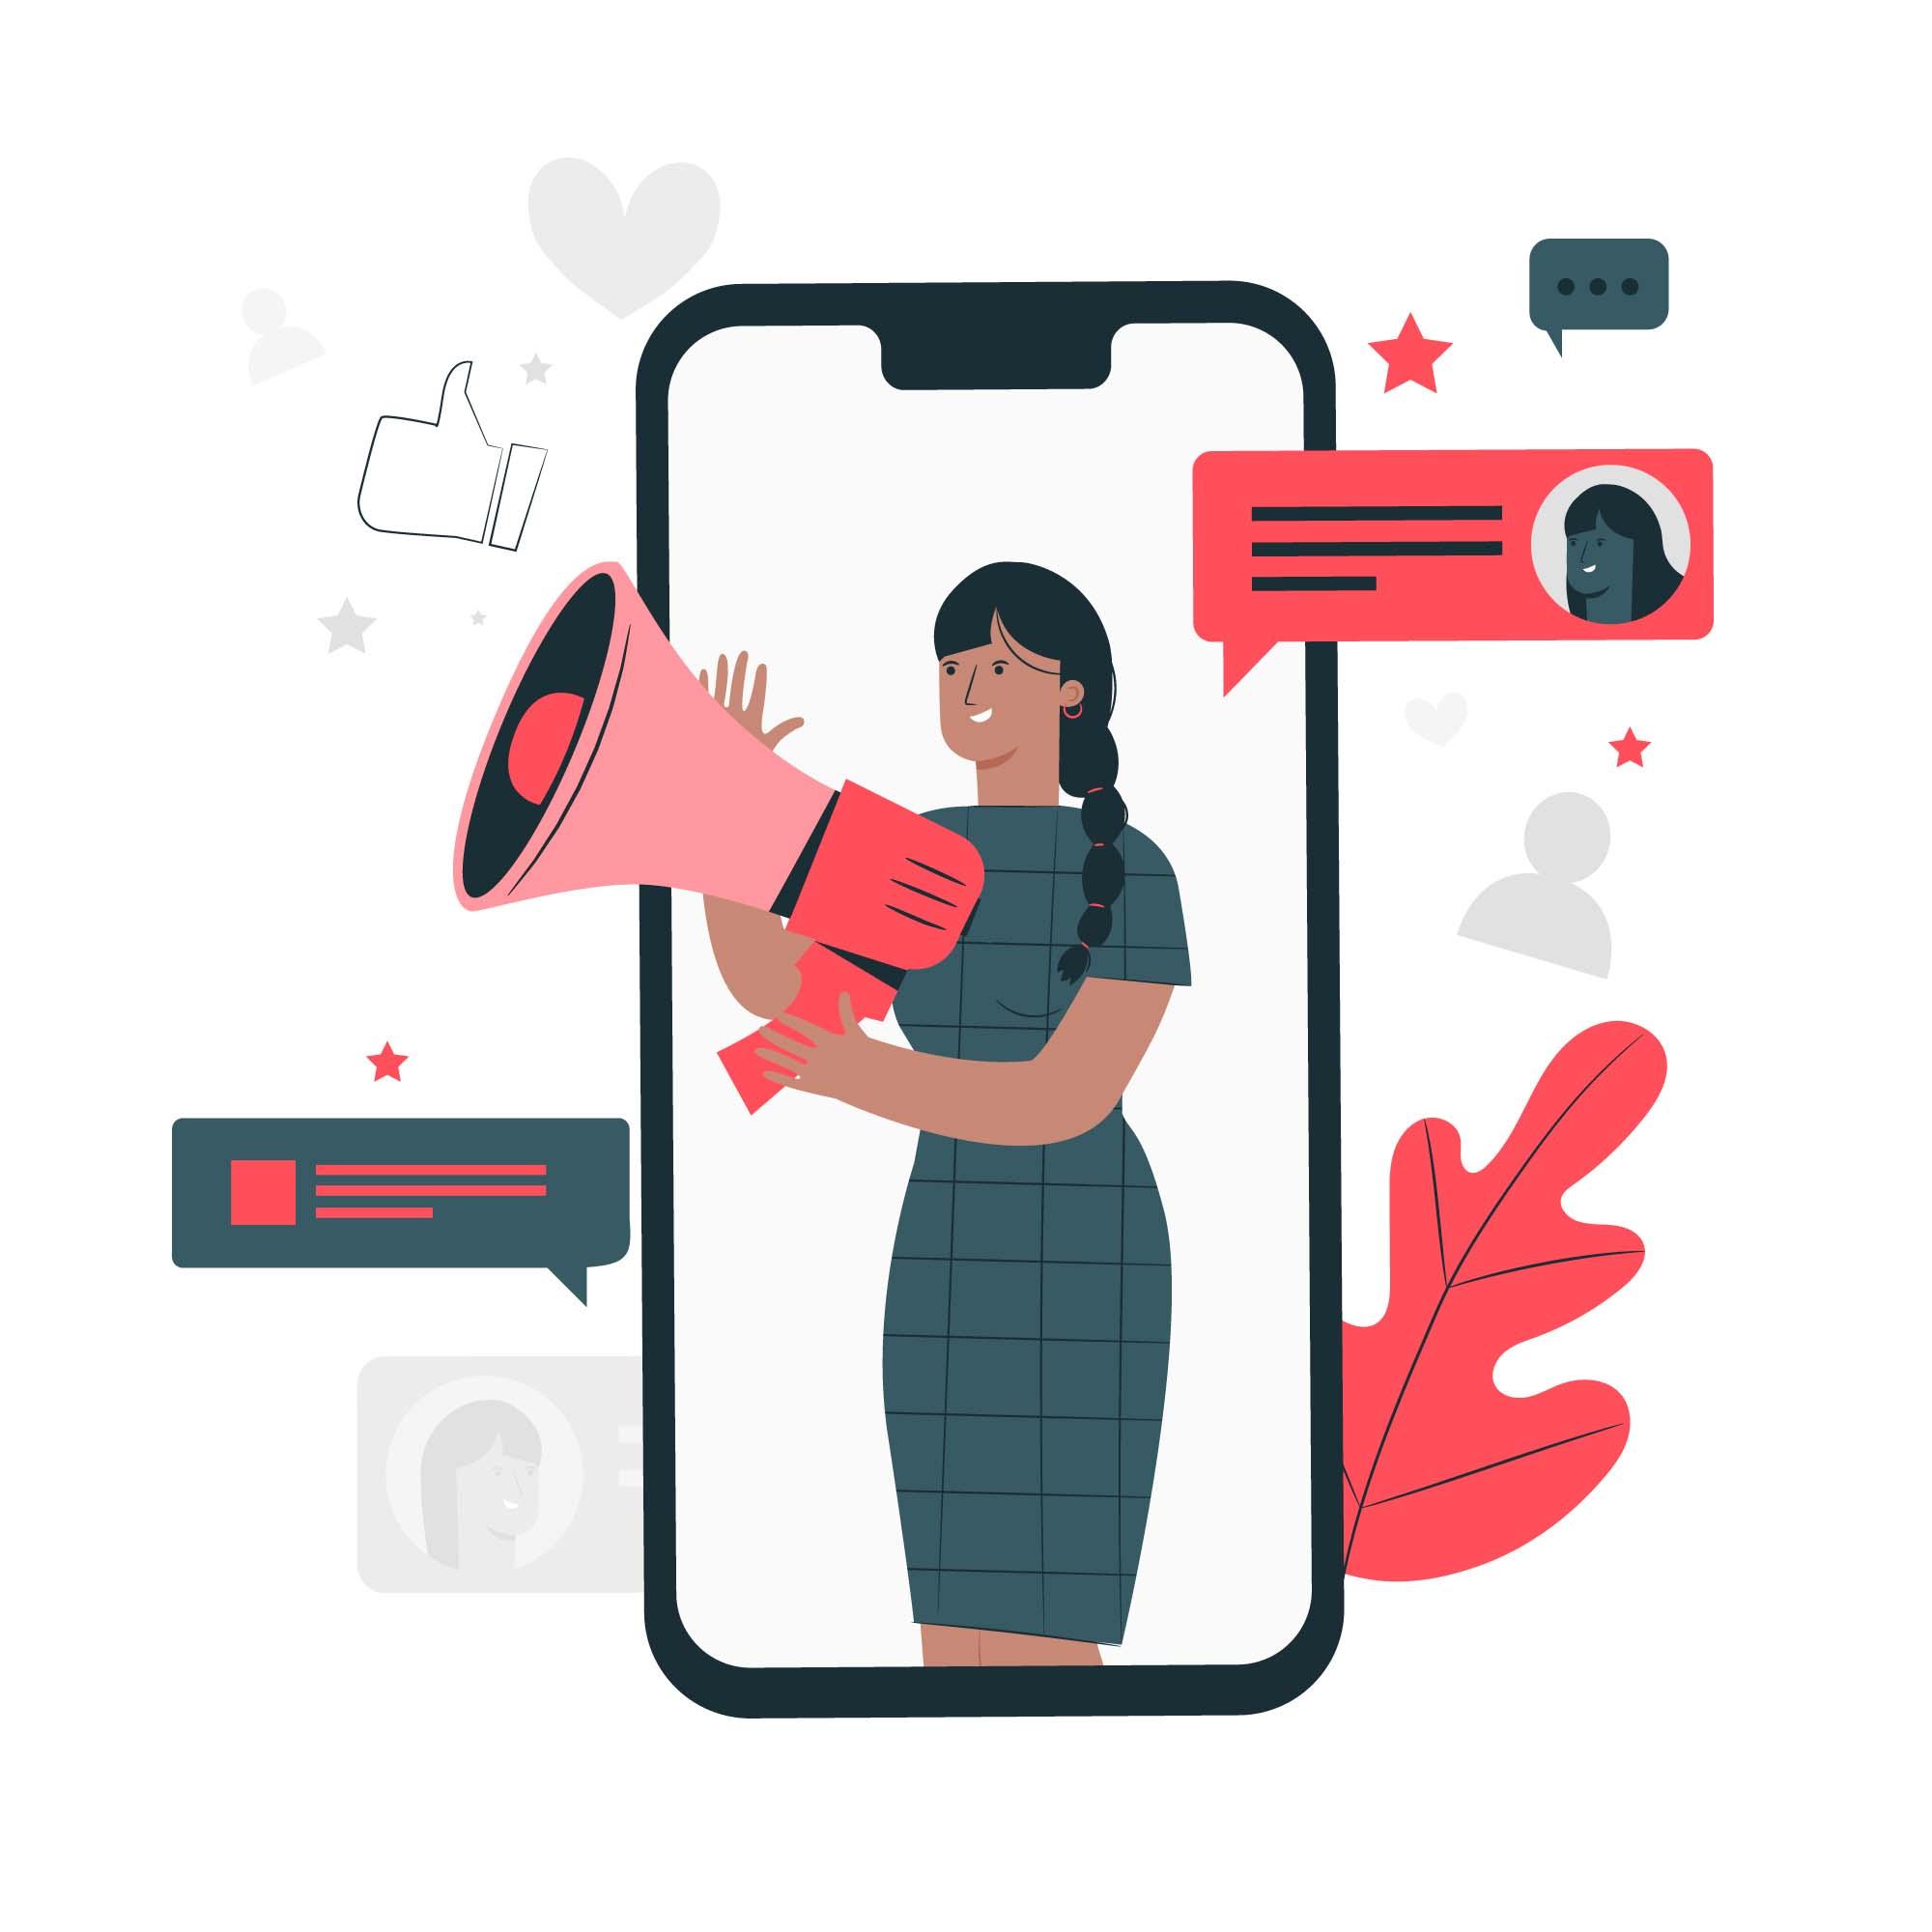 Push on social media